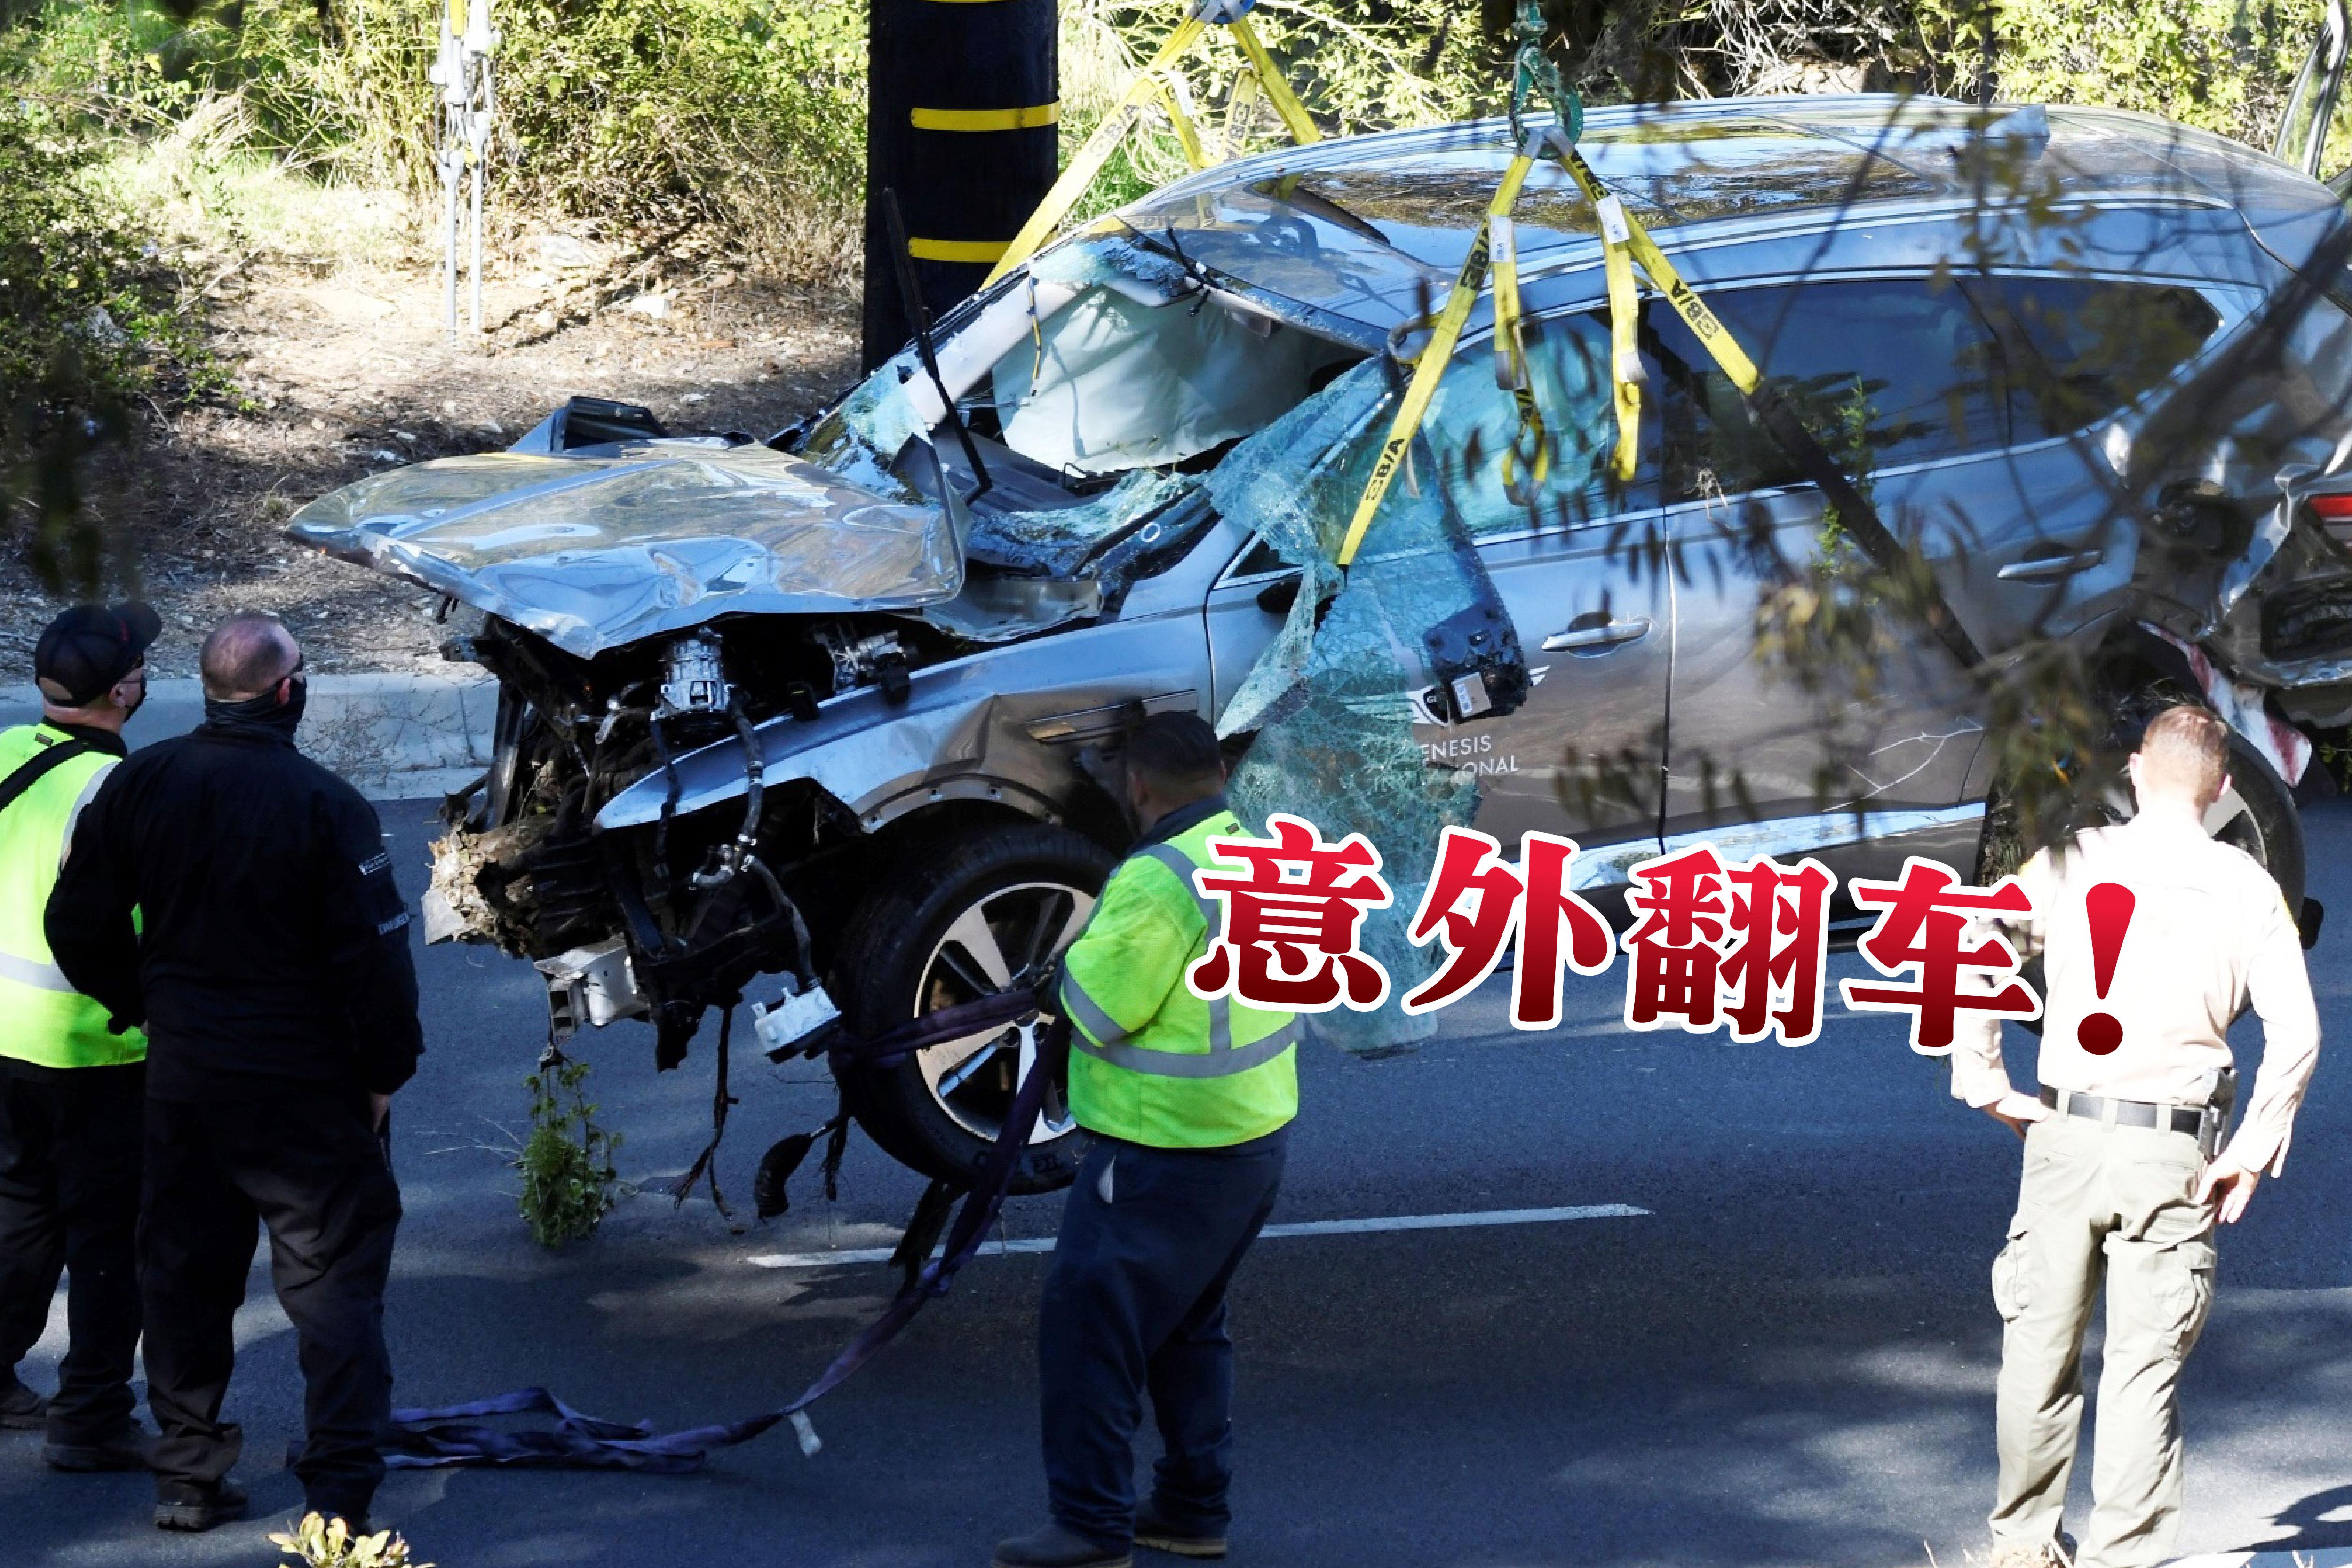 伍兹发生意外事故的车子在侧翻后翻滚了几百米,最后华进林中停在一块草坡上,引擎盖严重损坏,由消拯队拖吊上来。-路透社/精彩大马制图-